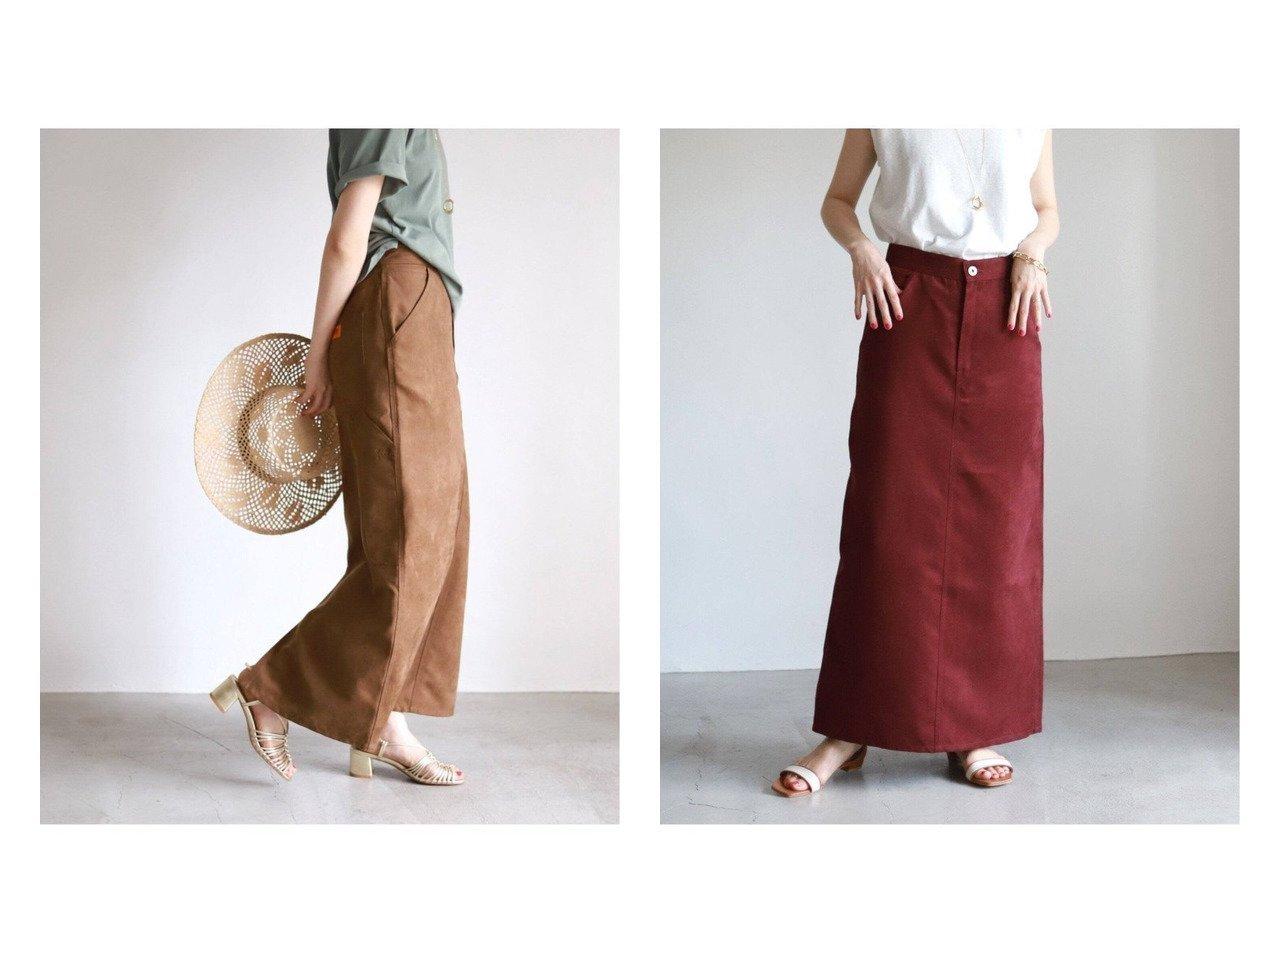 【SLOBE IENA/スローブ イエナ】の【UNIVERSAL OVERALL 】SLOBE別注ペインターロングスカート 別注・限定・コラボなど、おすすめ!人気、トレンド・レディースファッションの通販 おすすめで人気の流行・トレンド、ファッションの通販商品 インテリア・家具・メンズファッション・キッズファッション・レディースファッション・服の通販 founy(ファニー) https://founy.com/ ファッション Fashion レディースファッション WOMEN スカート Skirt ロングスカート Long Skirt 秋 Autumn/Fall シンプル スエード スリット トレンド 定番 Standard フィット フェイクスエード 別注 ロング ワーク A/W・秋冬 AW・Autumn/Winter・FW・Fall-Winter 2021年 2021 再入荷 Restock/Back in Stock/Re Arrival 2021-2022秋冬・A/W AW・Autumn/Winter・FW・Fall-Winter・2021-2022 NEW・新作・新着・新入荷 New Arrivals  ID:crp329100000055729